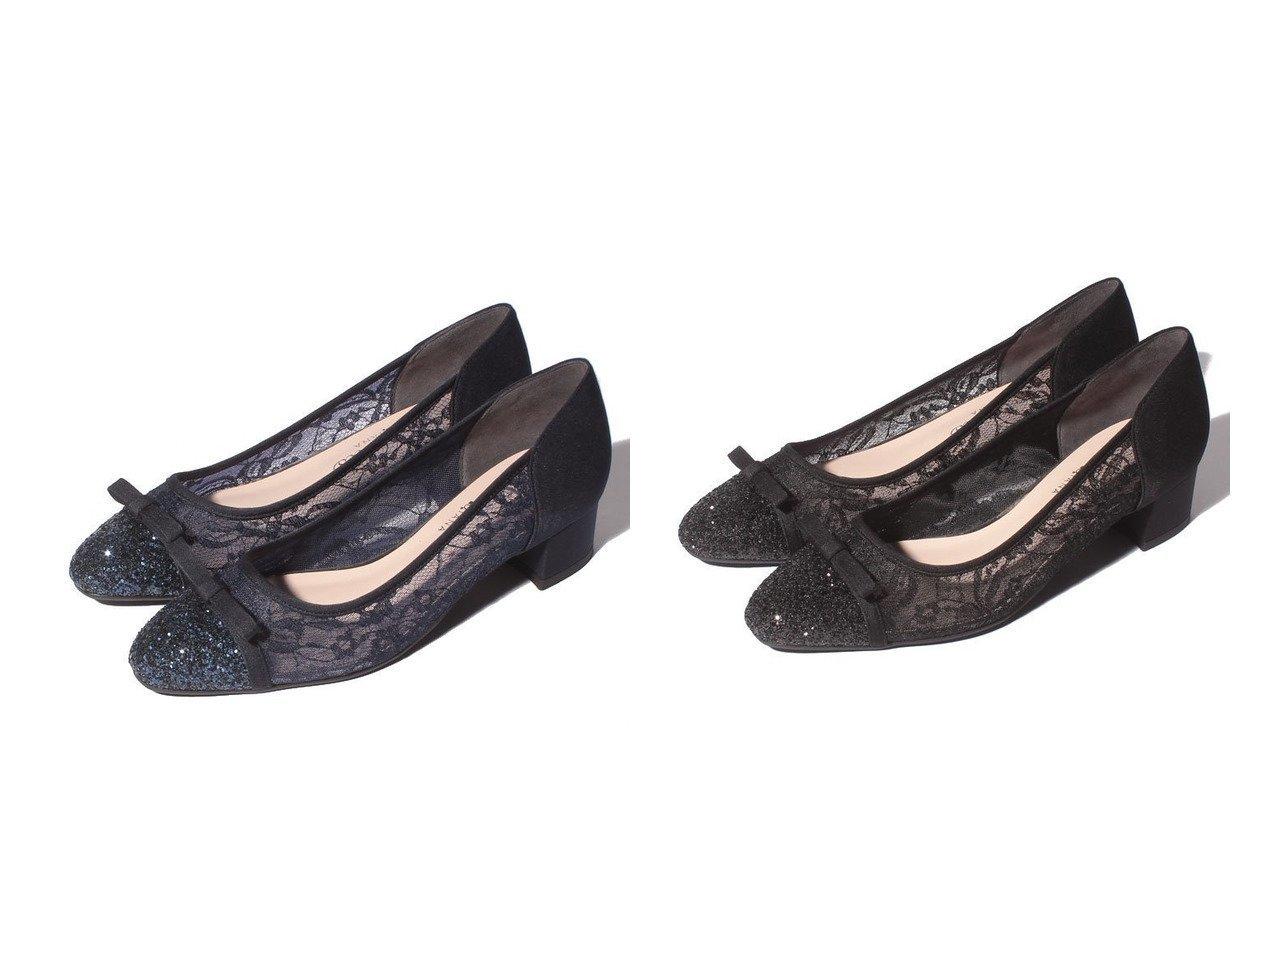 【artemis by DIANA/アルテミス バイ ダイアナ】のプチリボンチュールレースパンプス 【シューズ・靴】おすすめ!人気、トレンド・レディースファッションの通販 おすすめで人気の流行・トレンド、ファッションの通販商品 インテリア・家具・メンズファッション・キッズファッション・レディースファッション・服の通販 founy(ファニー) https://founy.com/ ファッション Fashion レディースファッション WOMEN おすすめ Recommend エレガント グリッター シューズ |ID:crp329100000049412